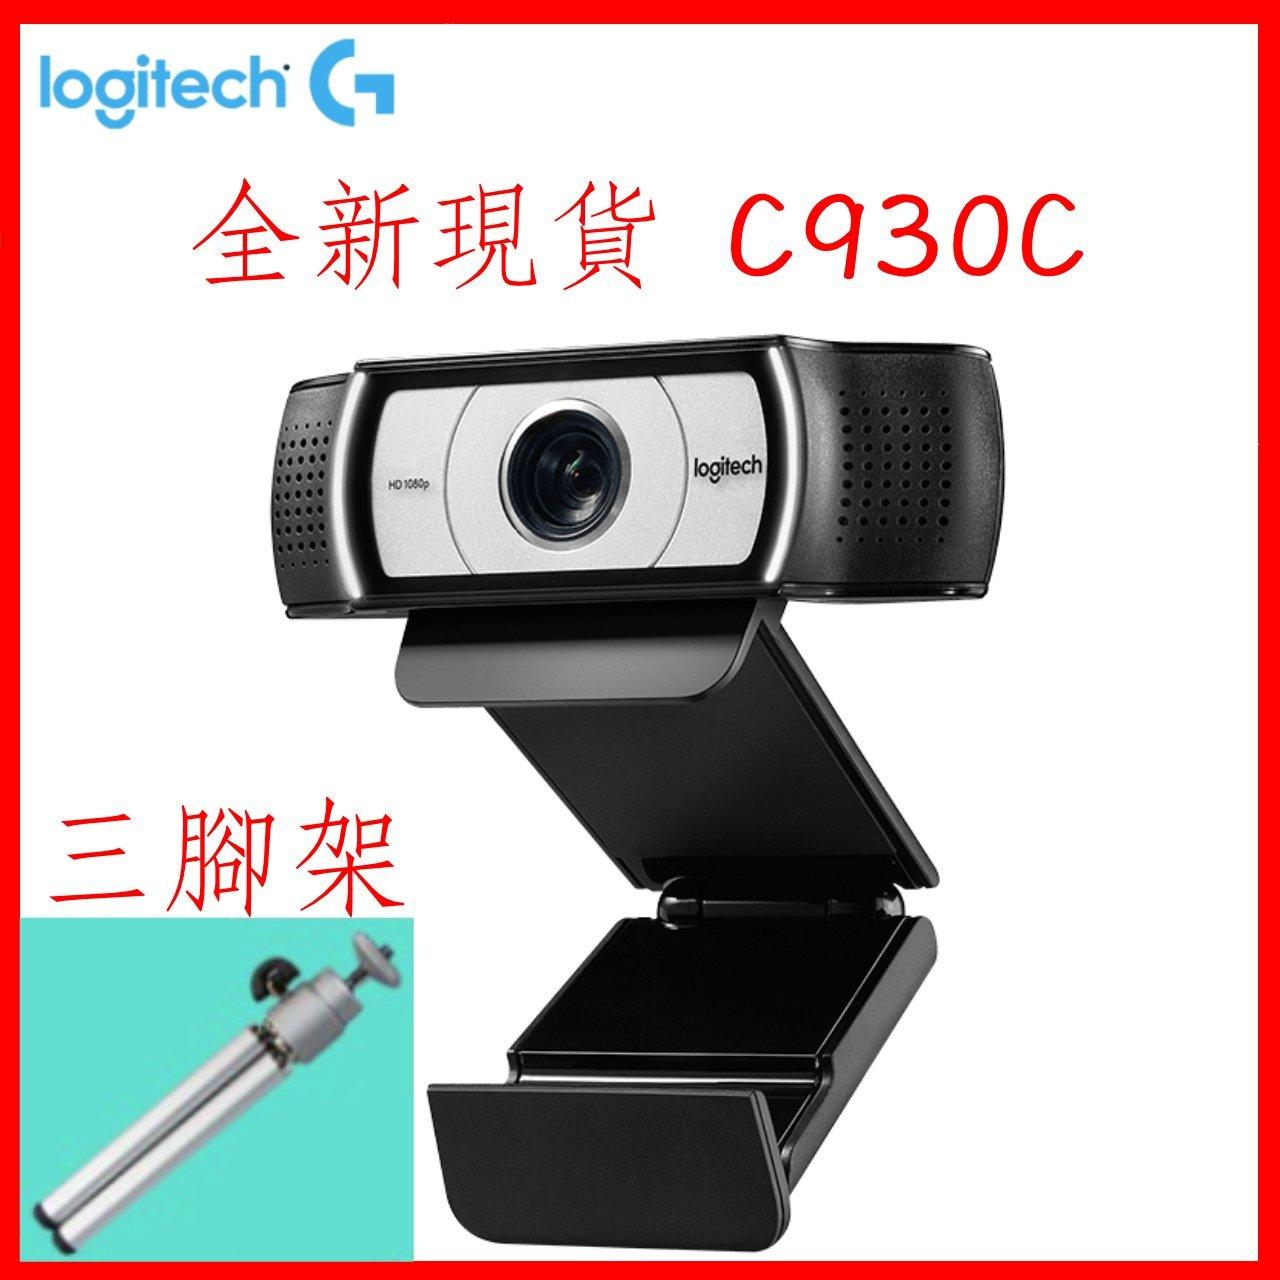 (三年保固 三腳架)台灣現貨全新 Logitech 羅技 C930C C930E HD 網路攝影機 視頻 實況 自動對焦